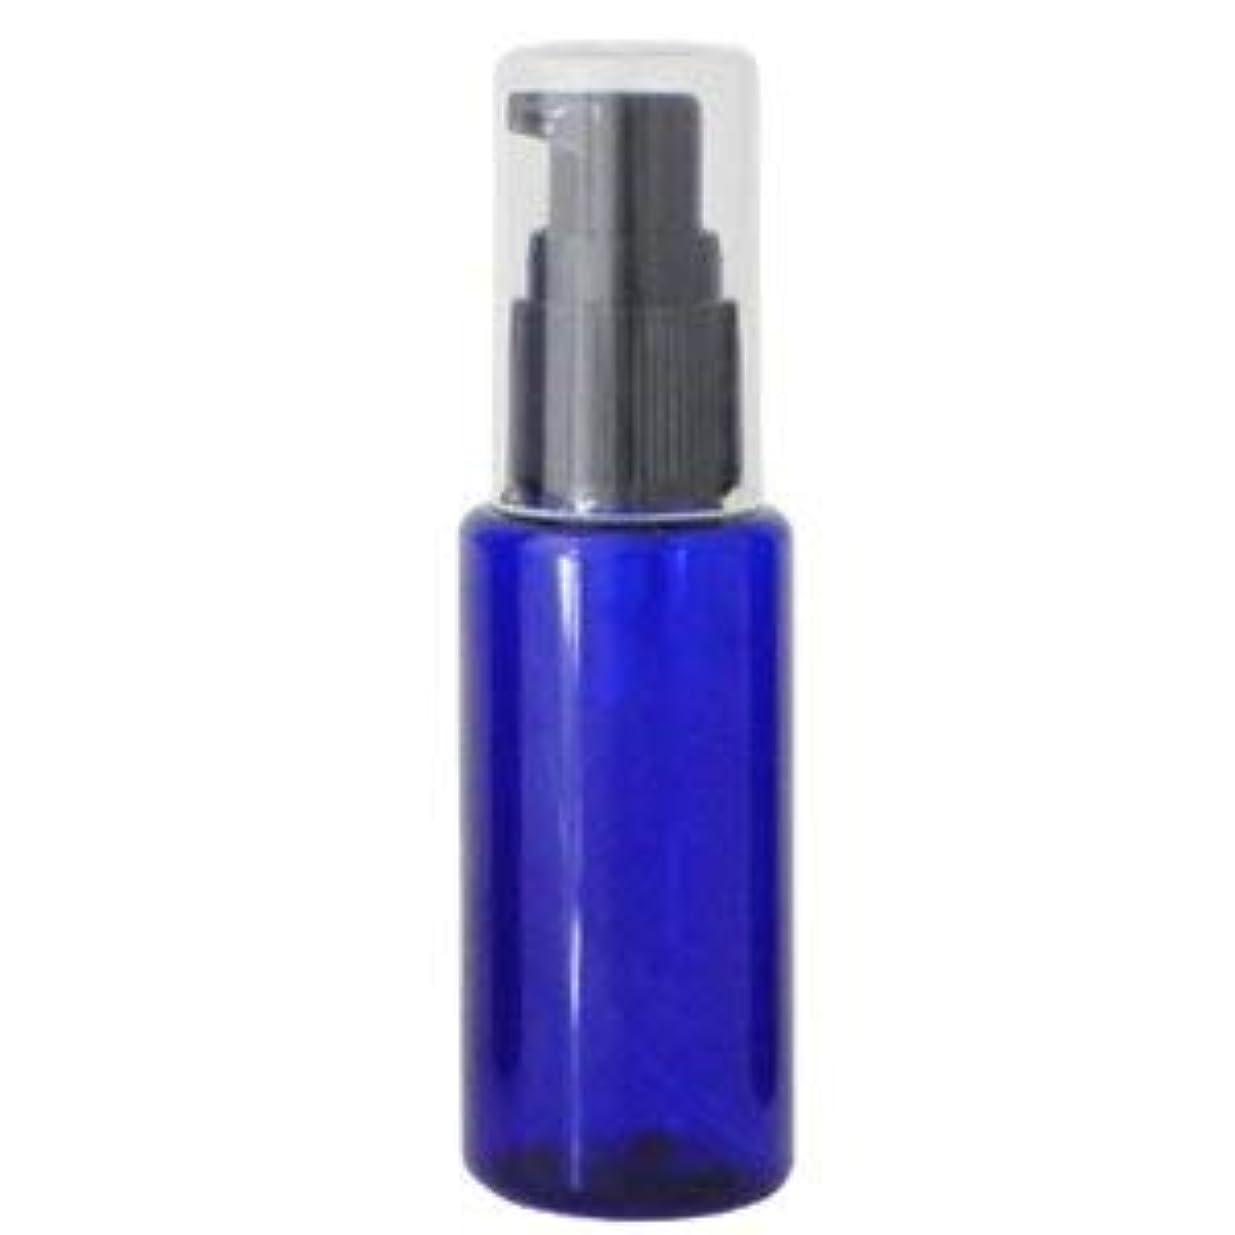 エリート十分上下するPETボトル ポンプ コバルトブルー (青) 50ml